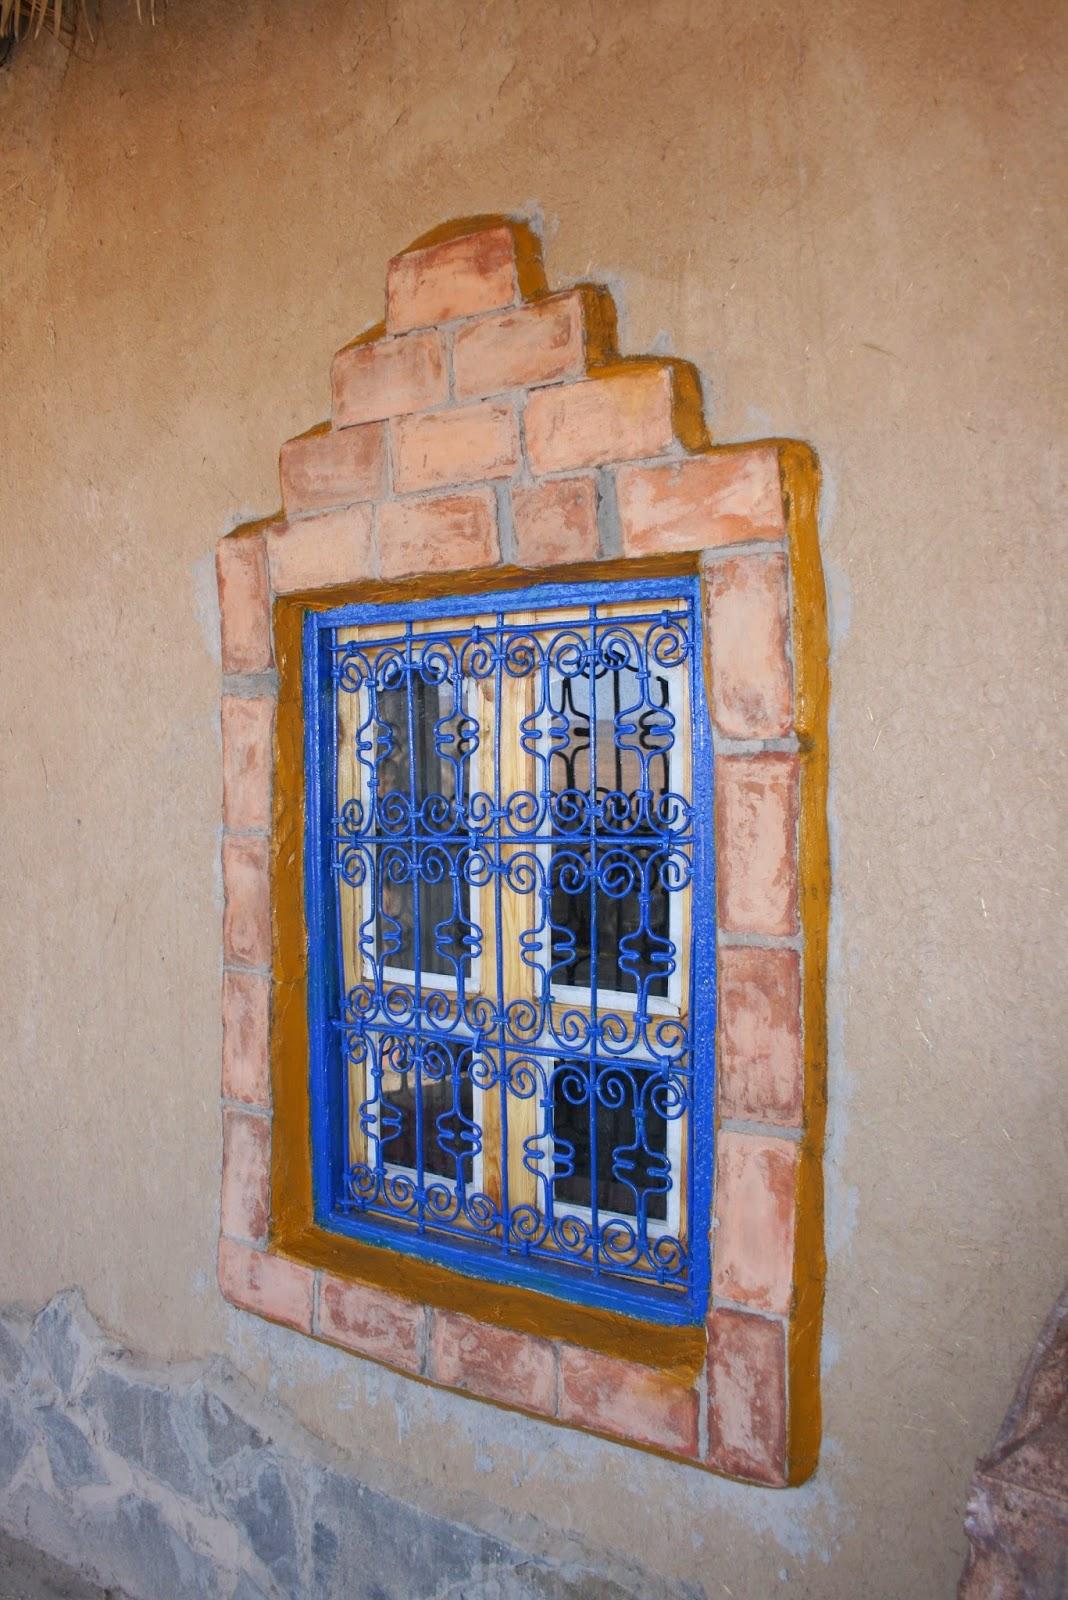 alojamiento rural en arfoud, desierto de marruecos, viajar a marruecos, arfoud, felicidad